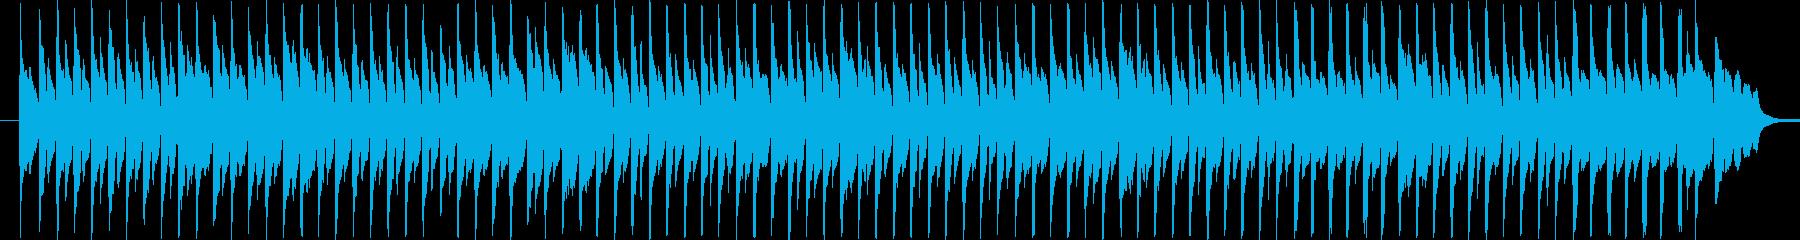 子供の動画向きのトイピアノ風BGMの再生済みの波形